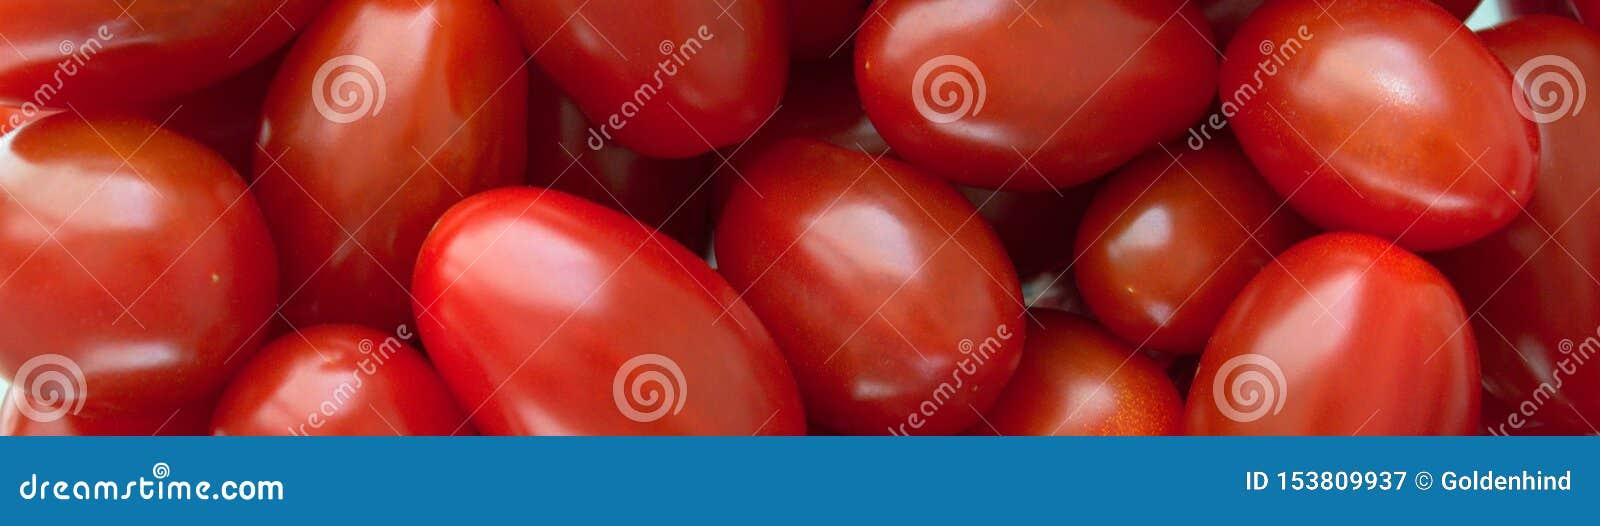 关闭小组新鲜的红色蕃茄在农夫市场上 有机素食主义者背景